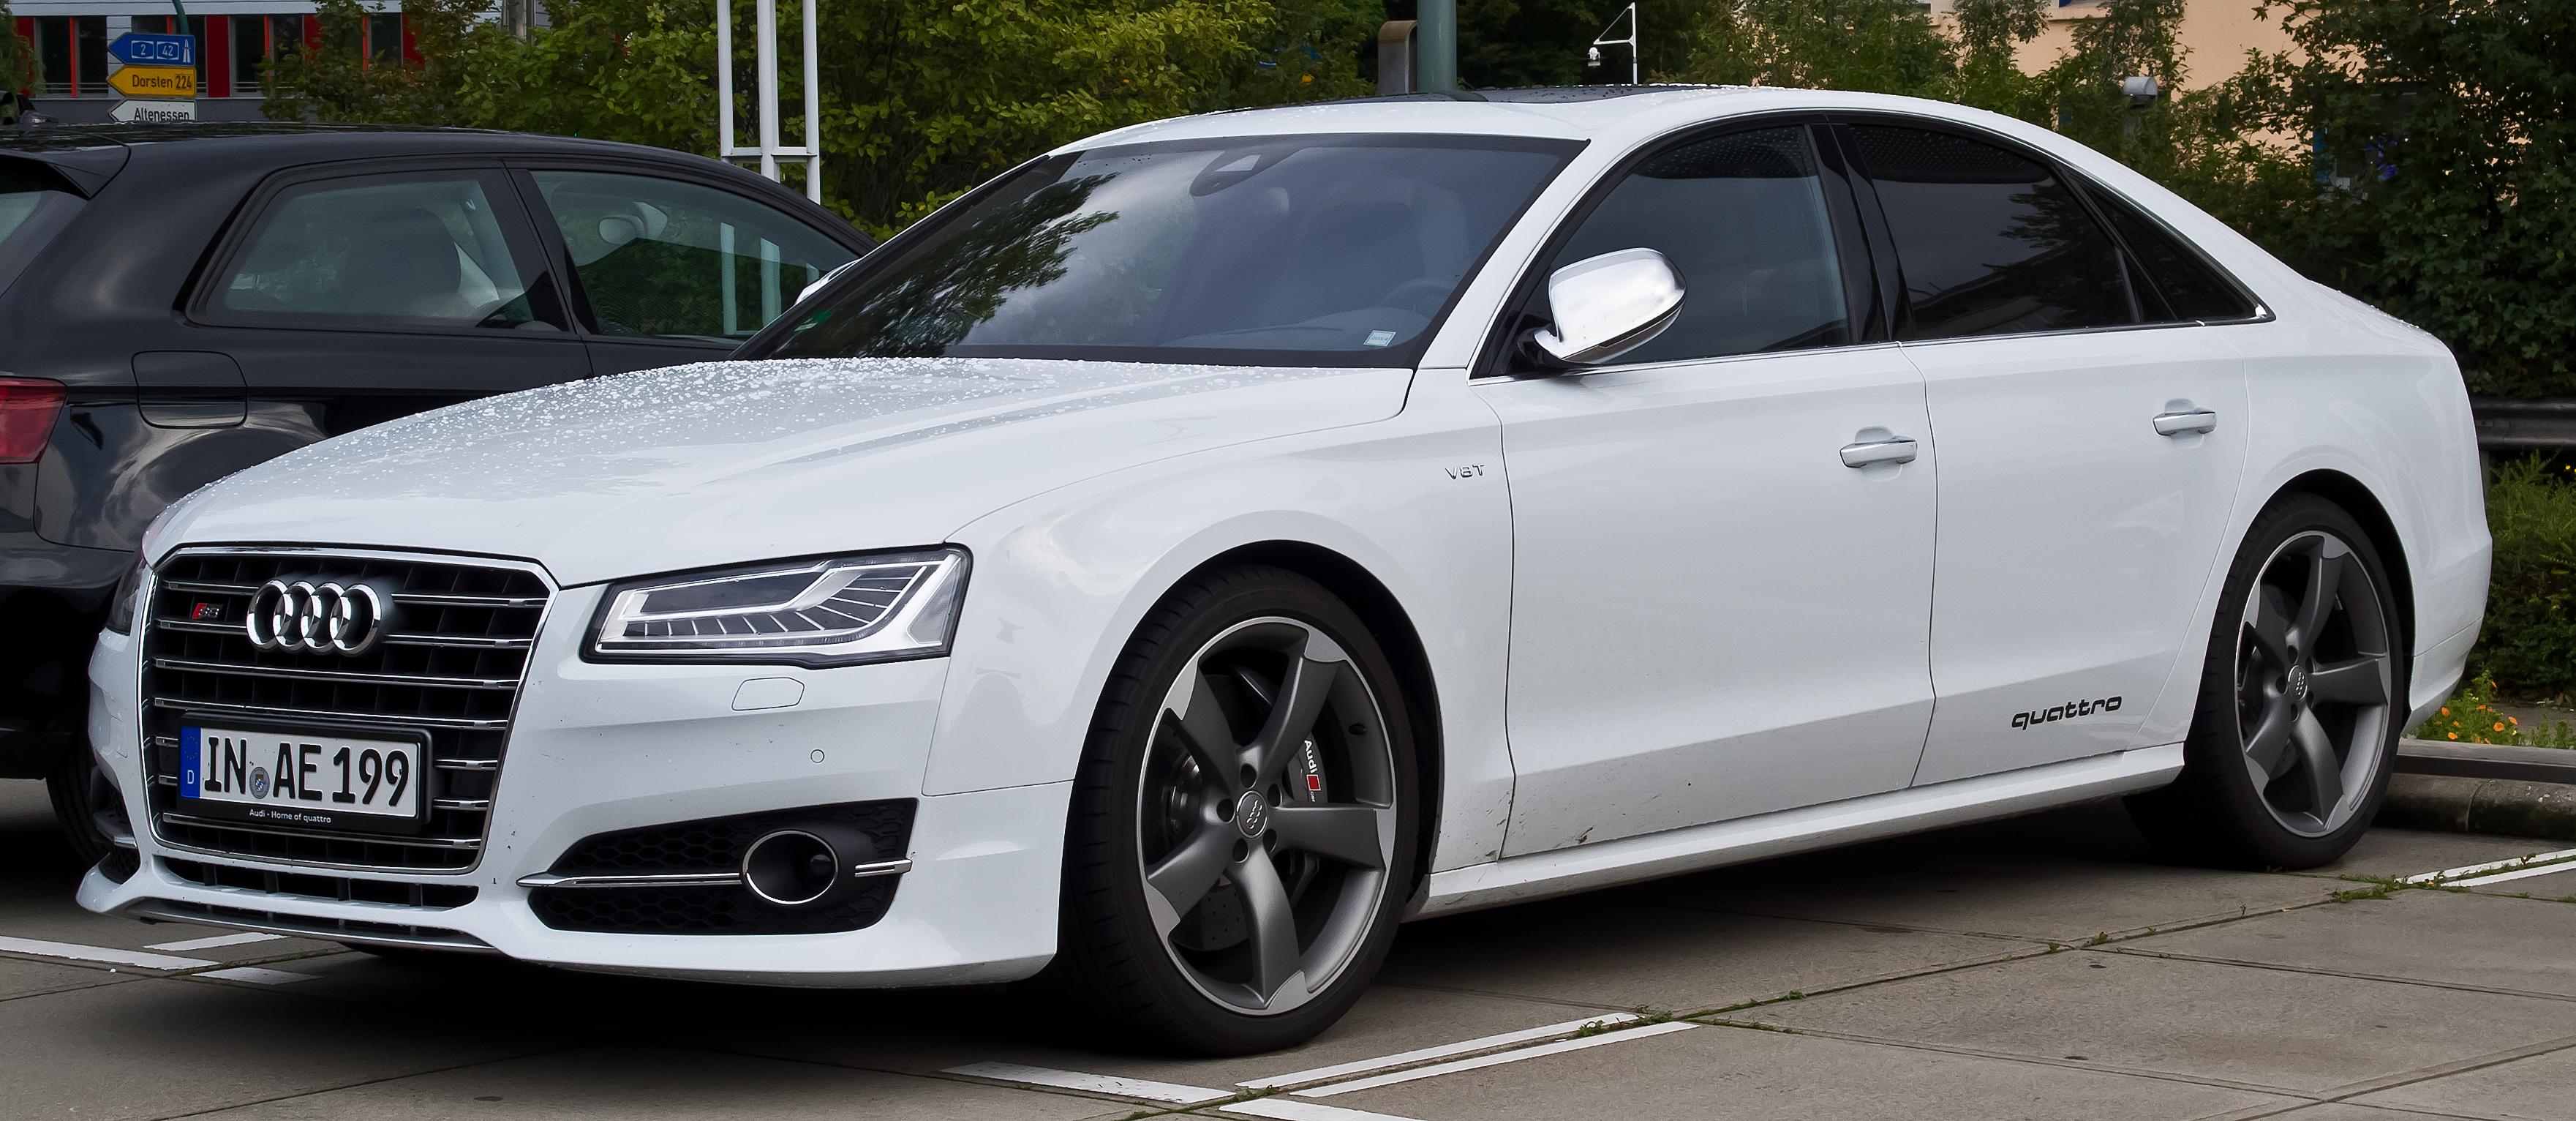 Audi a3 8v sportback wiki 3